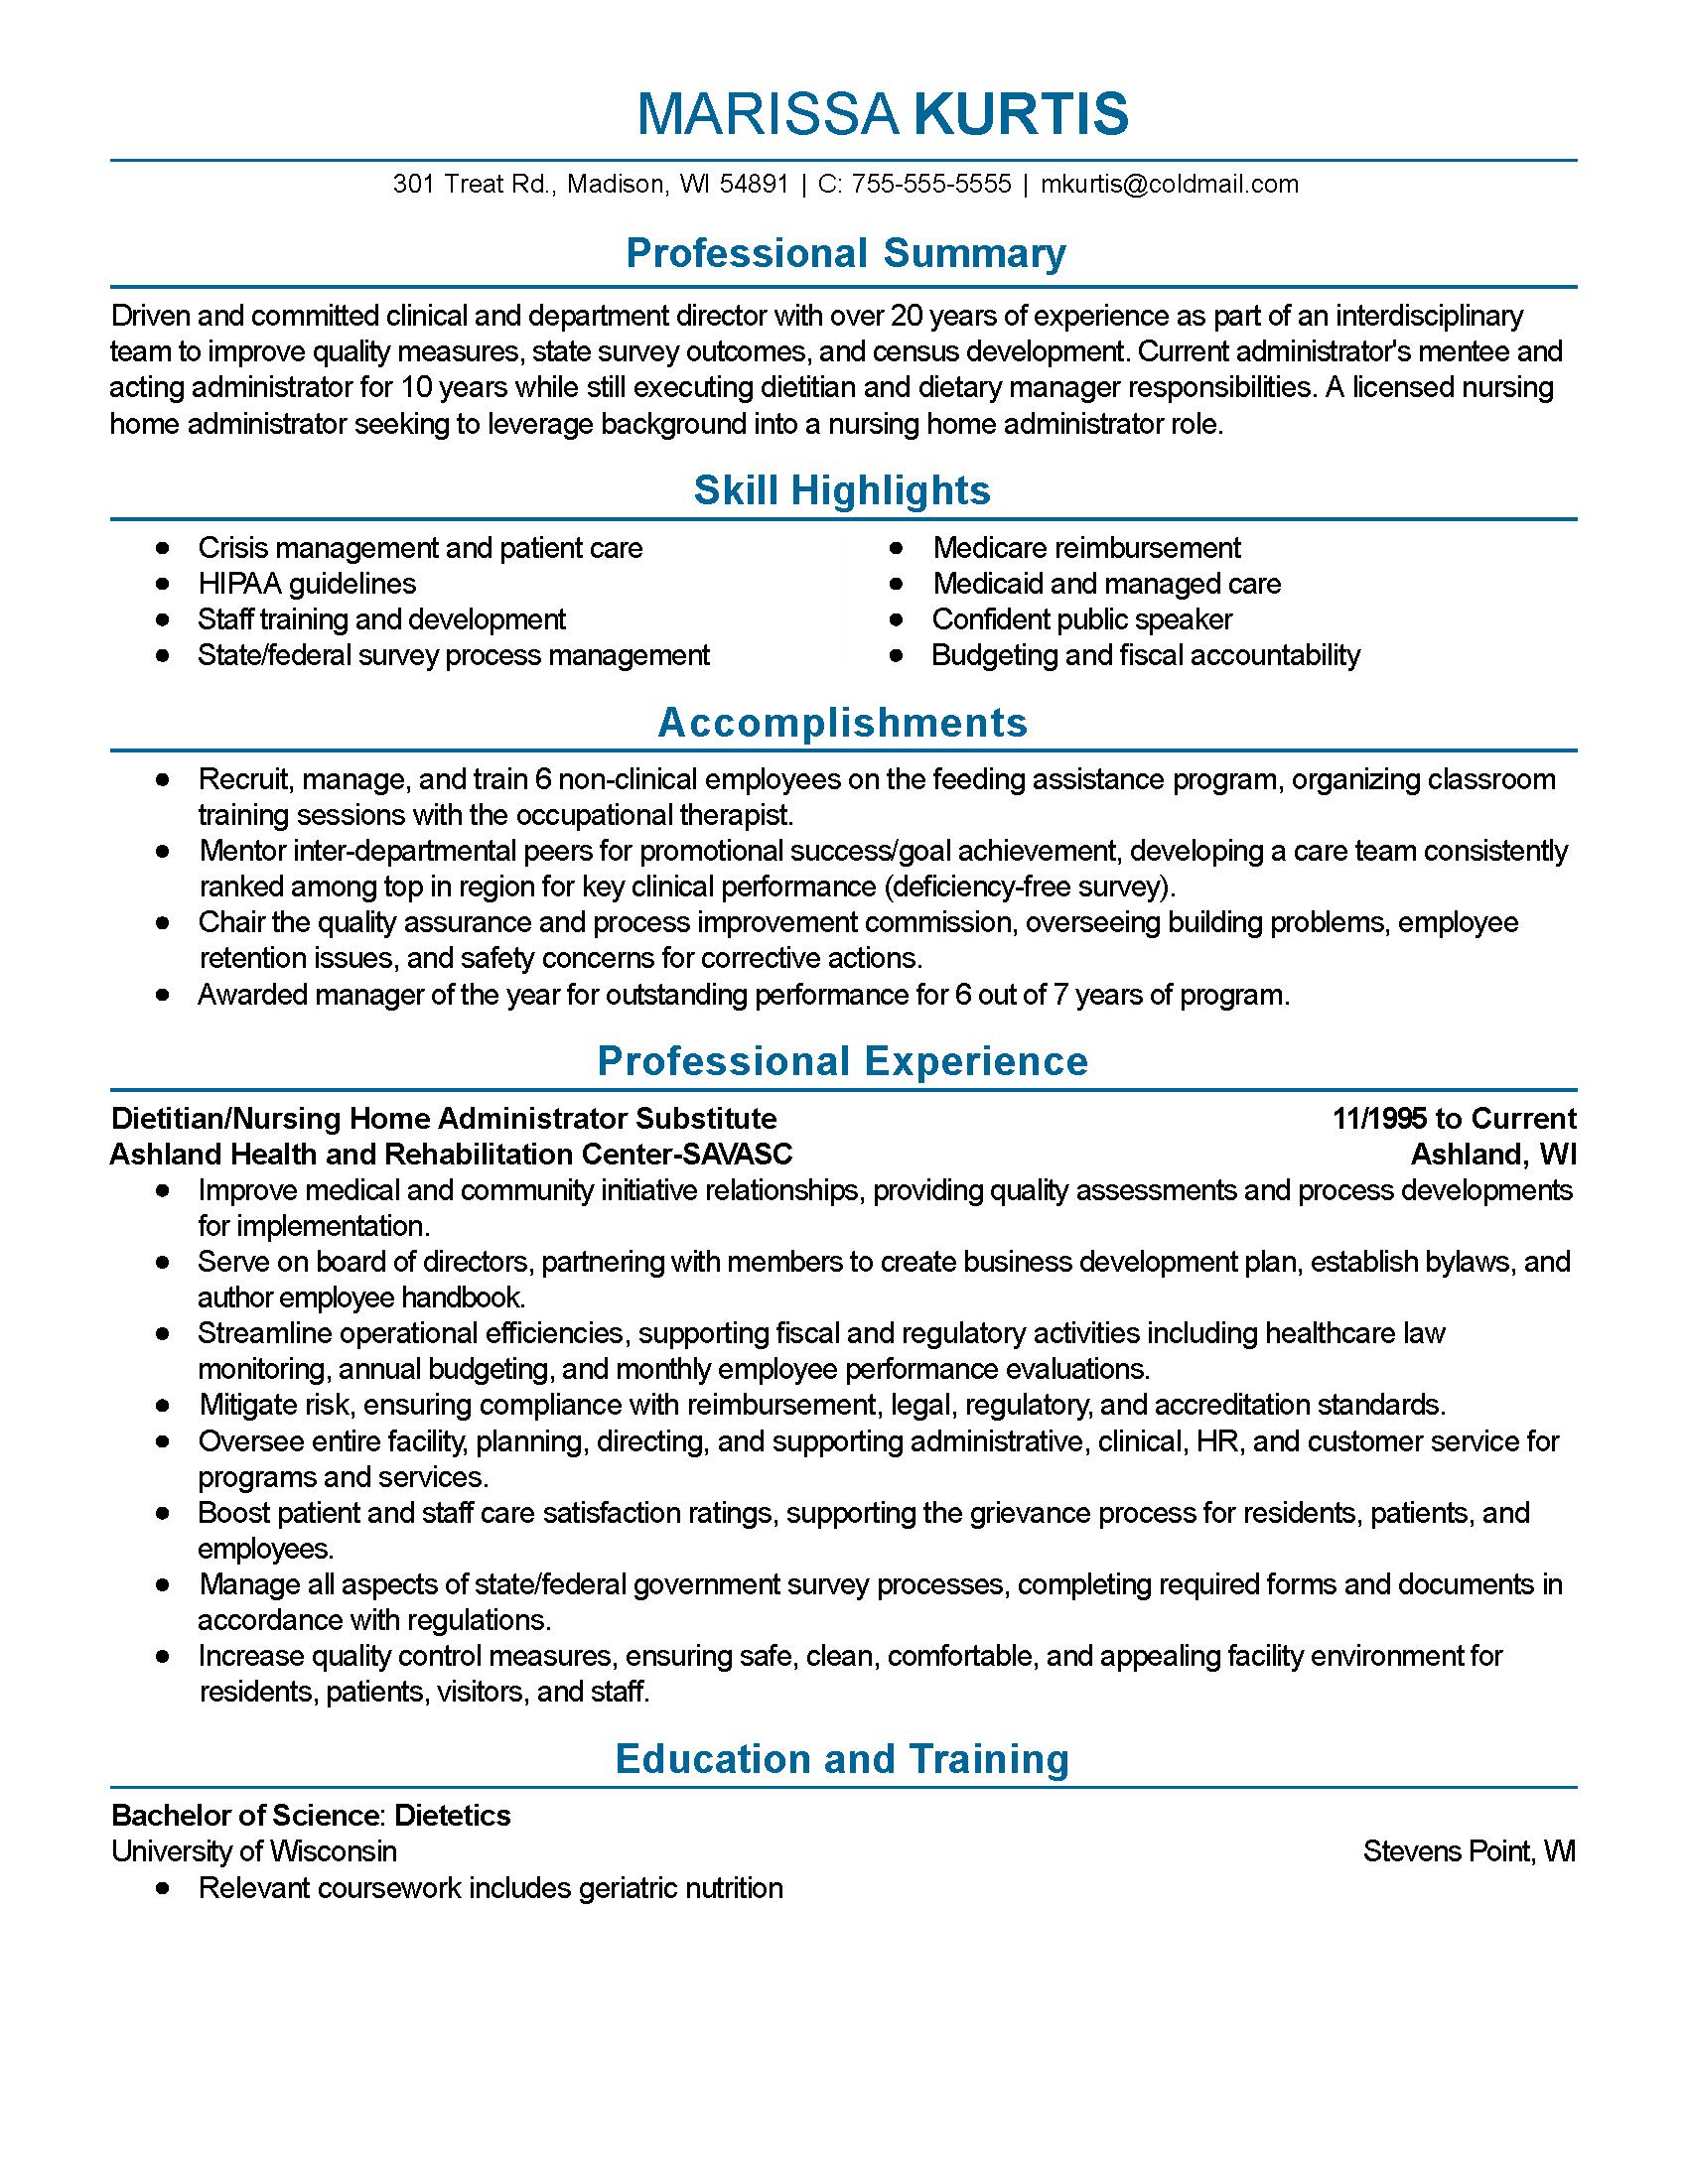 sample public speaking resume